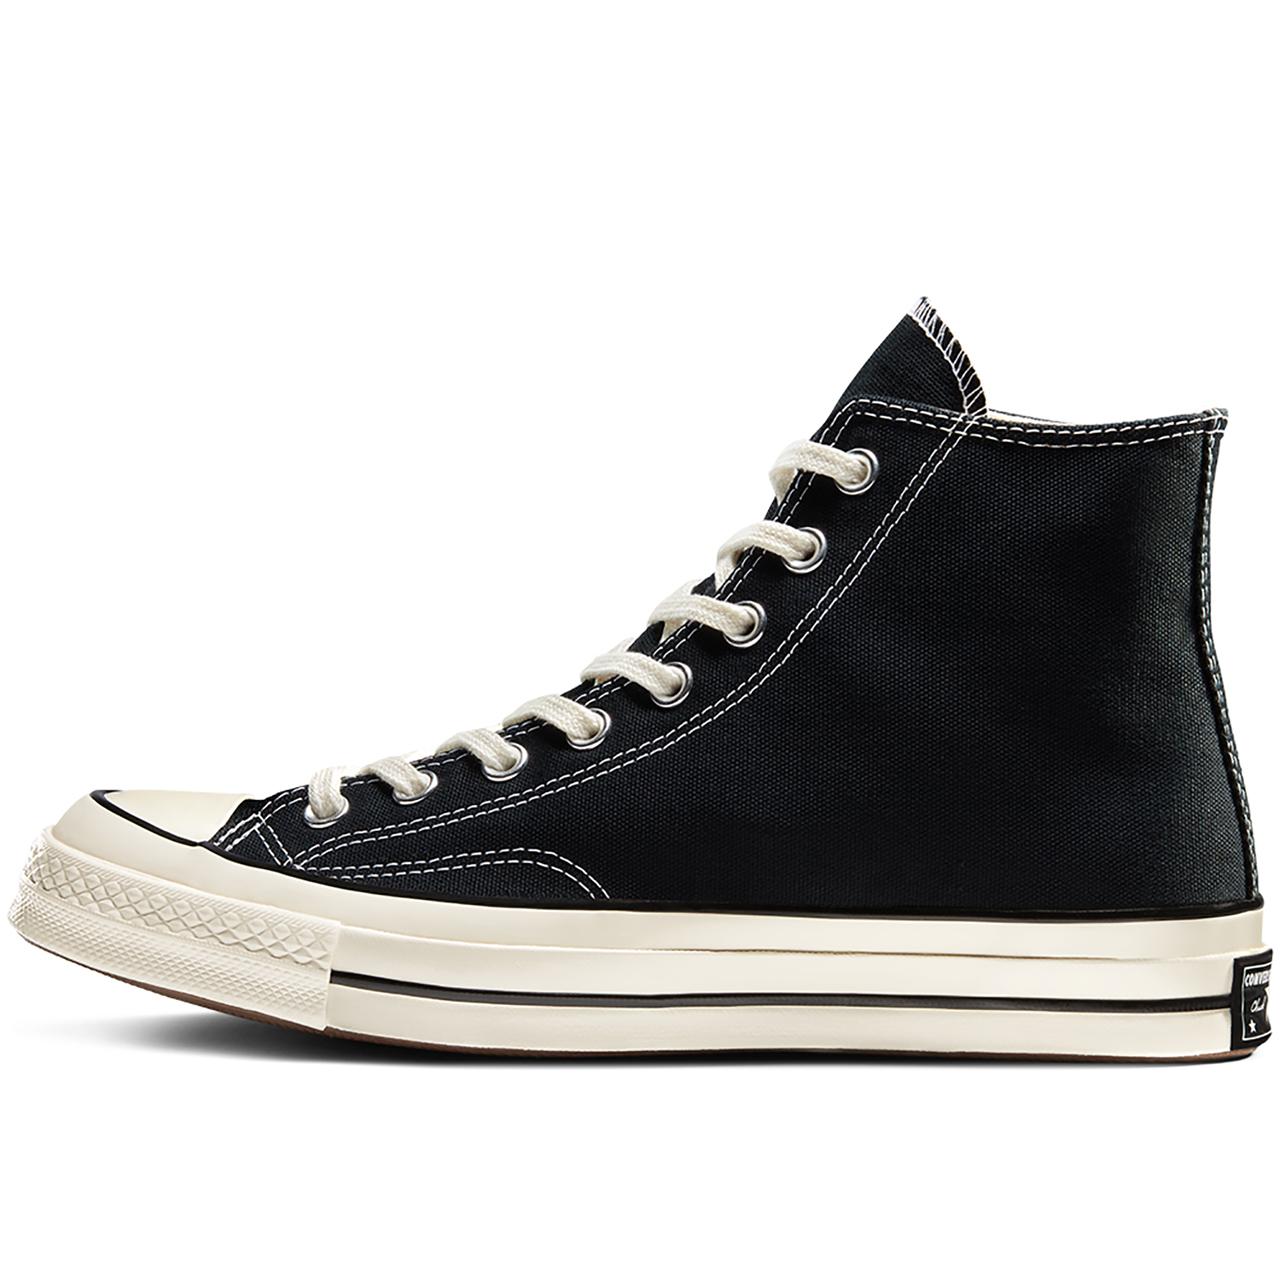 کفش راحتی مردانه کانورس مدل 162050c